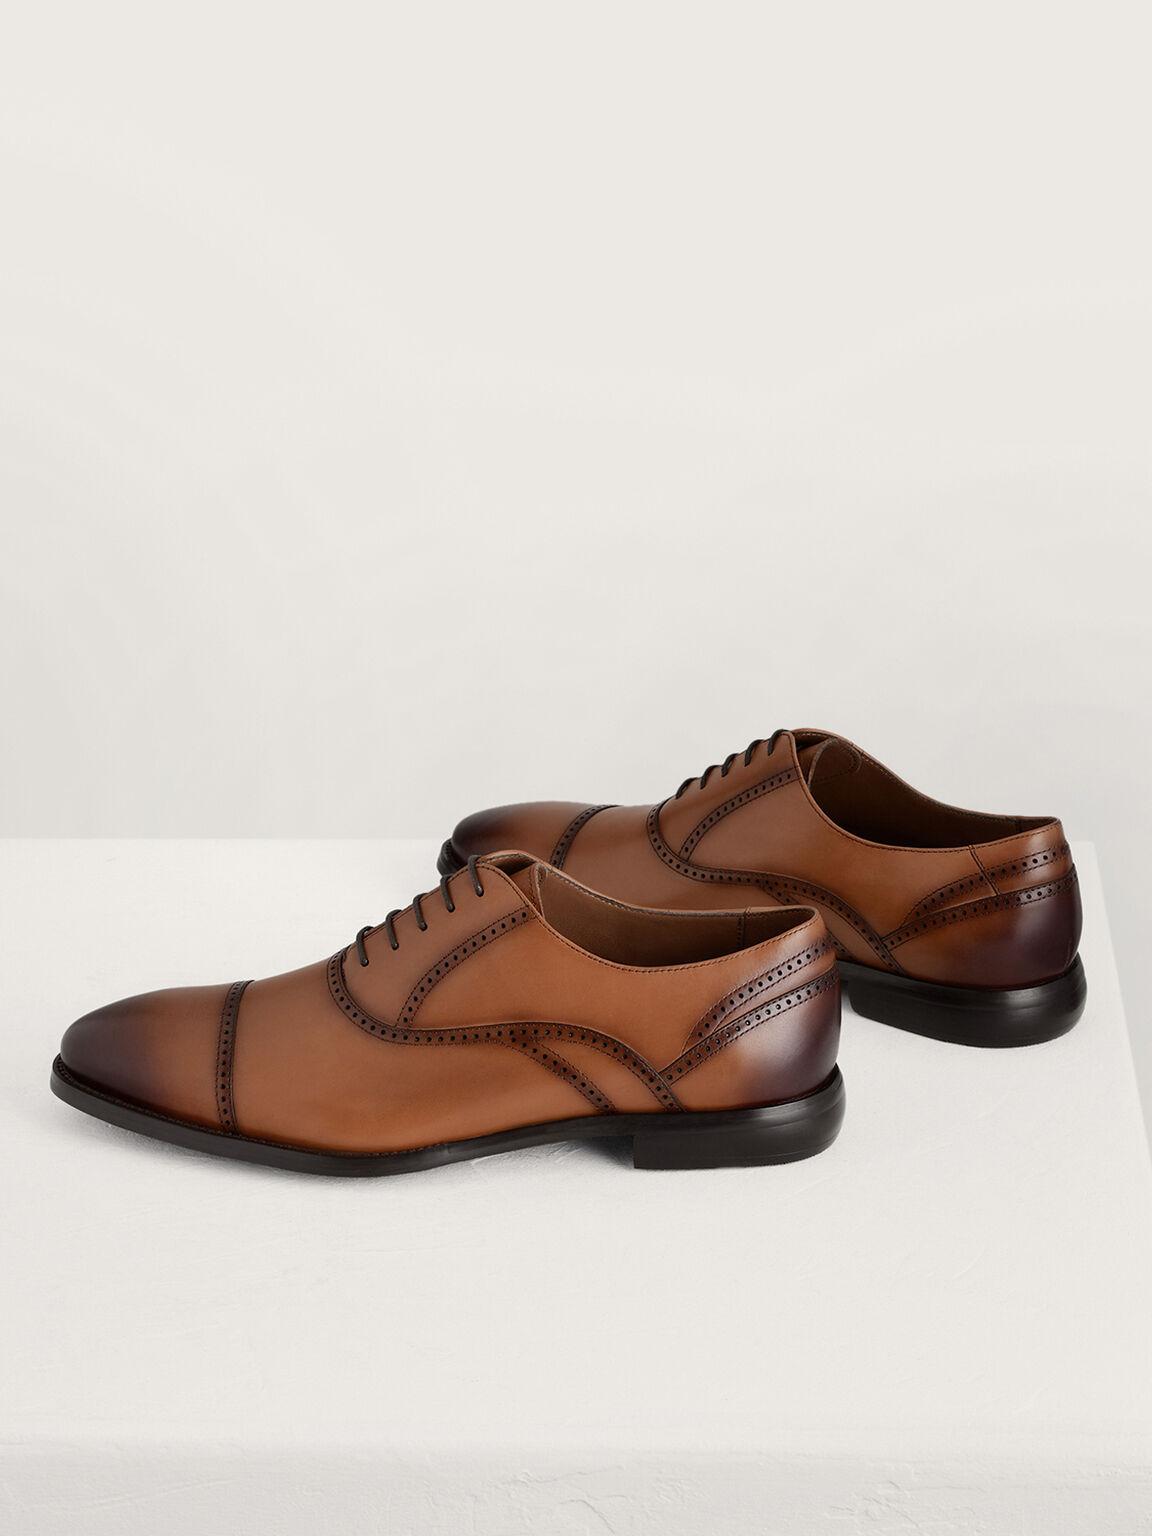 Leather Oxford Brogues, Cognac, hi-res